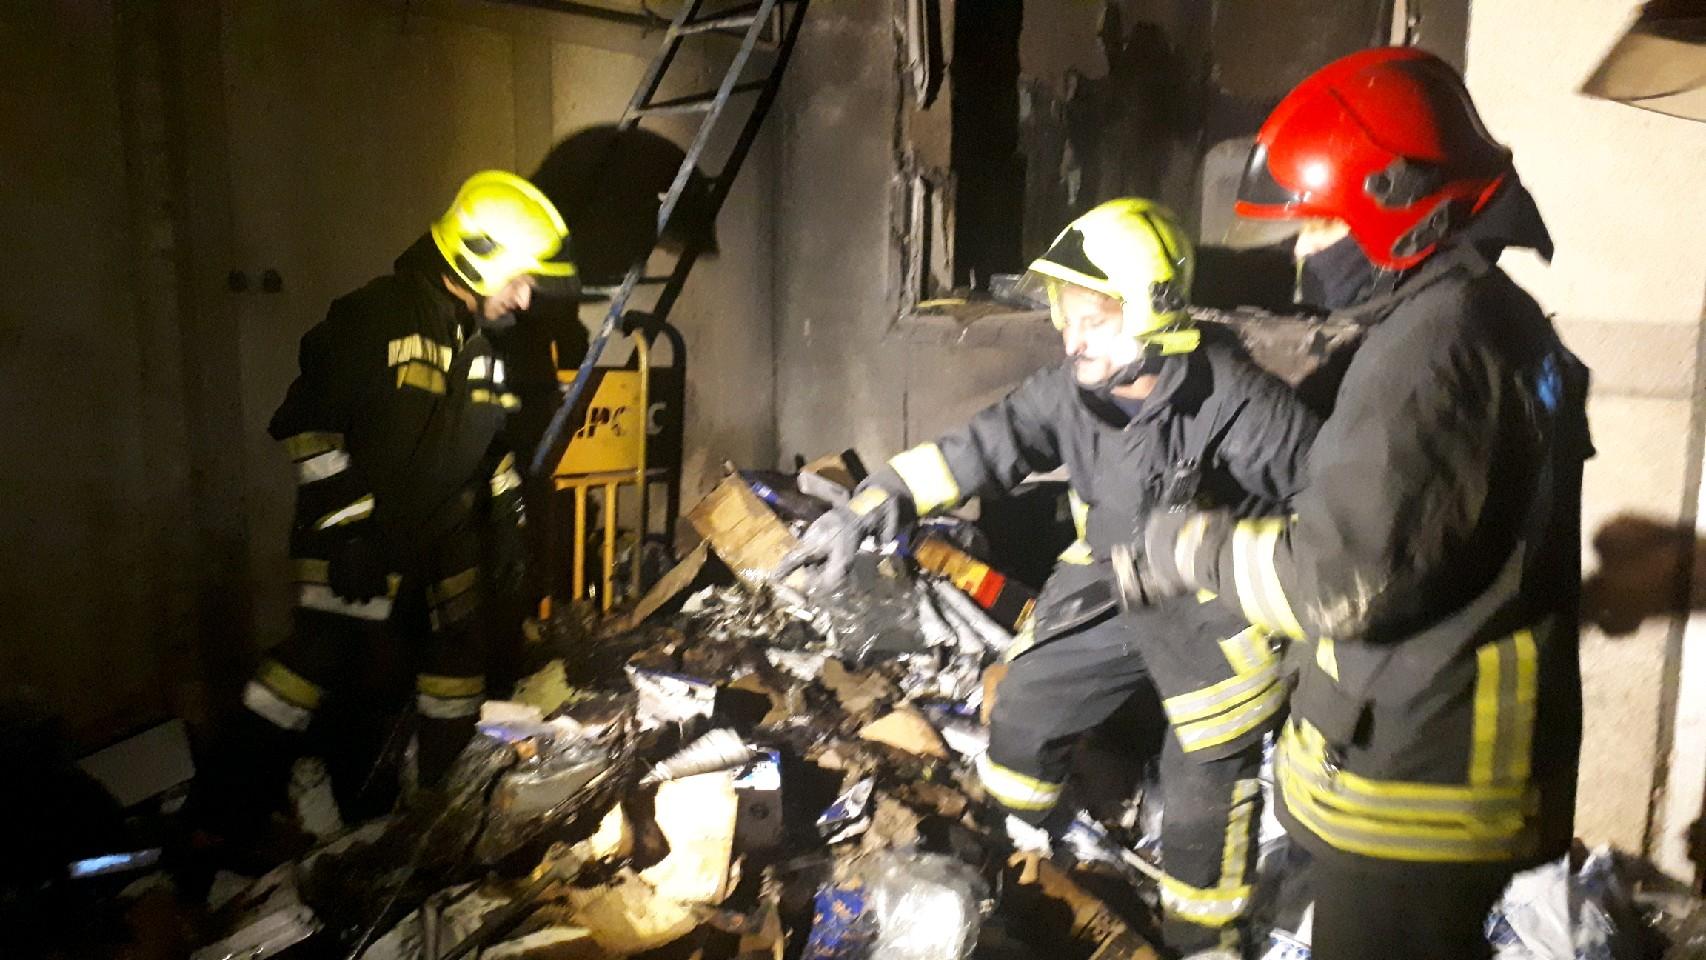 آتش سوزی در یک انبار لوازم یدکی و مغازه لباس فروشی مهار شد